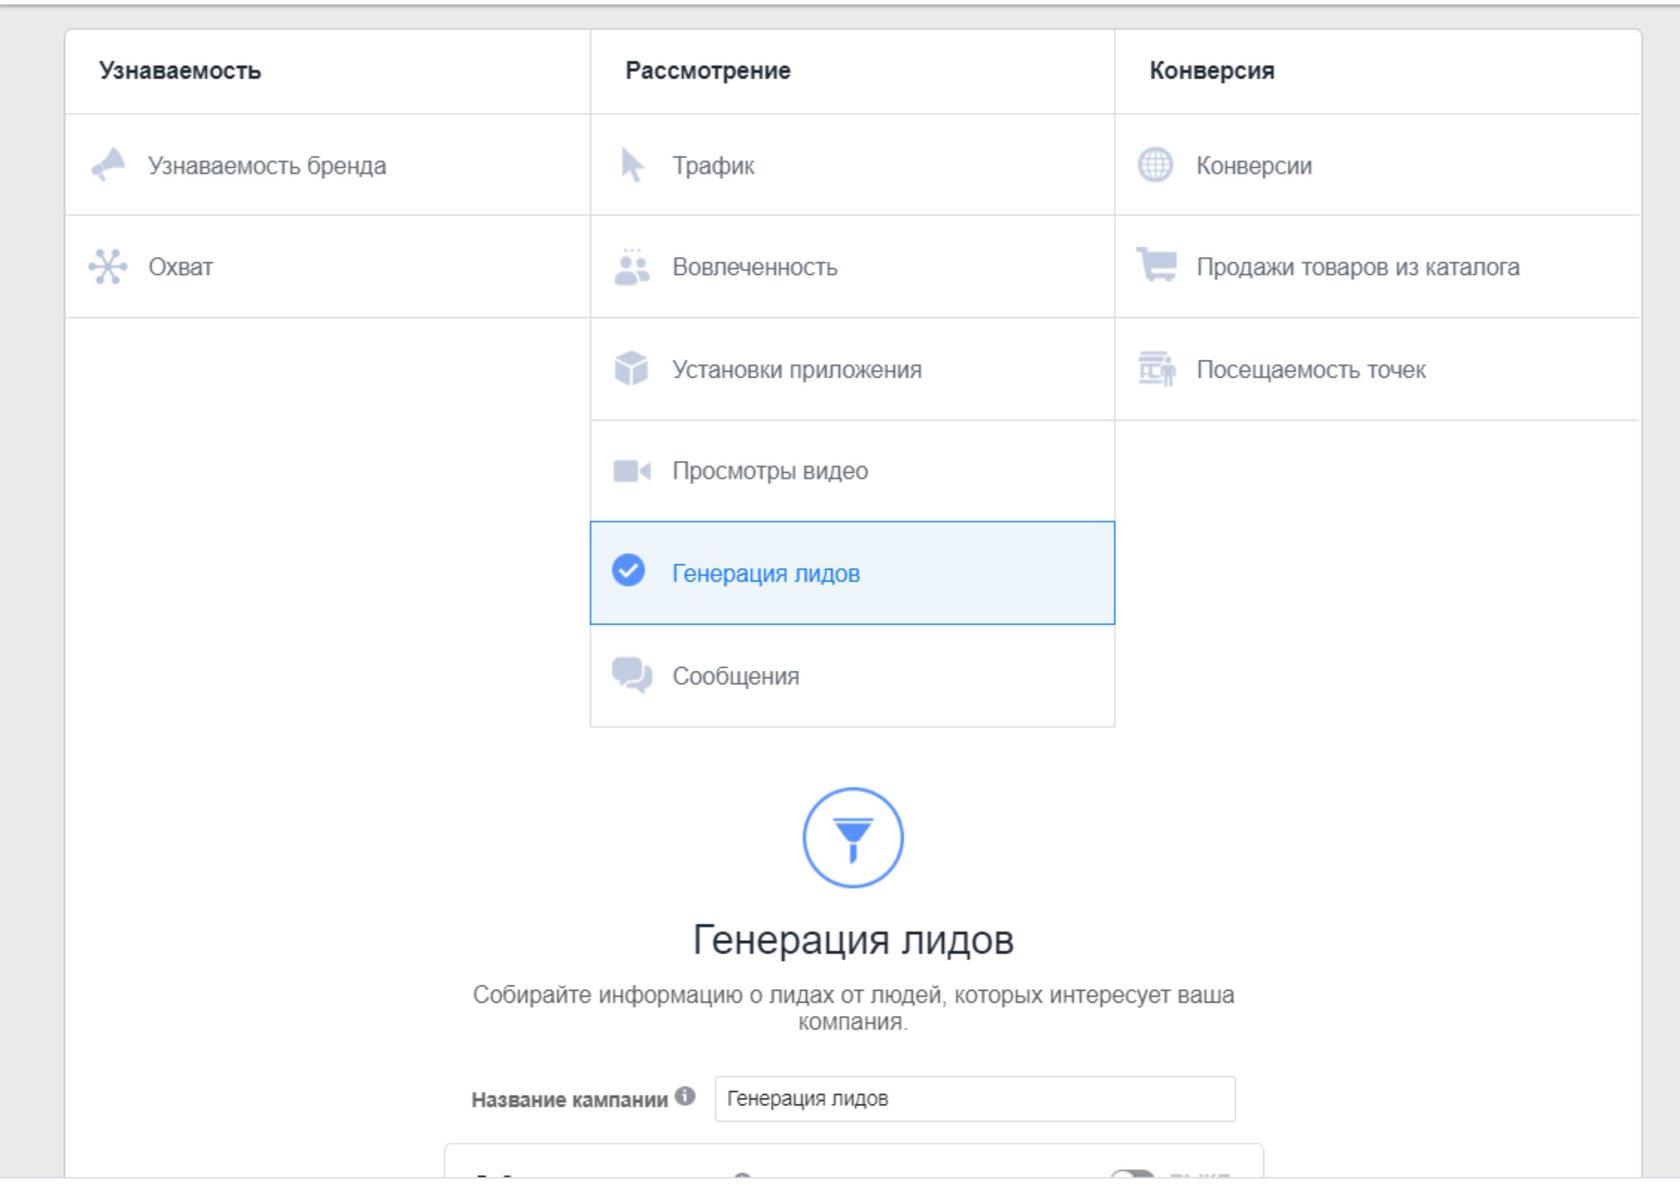 Настройка таргета инстаграм — как настроить таргет в инстаграм блог дмитрия провоторова | smm